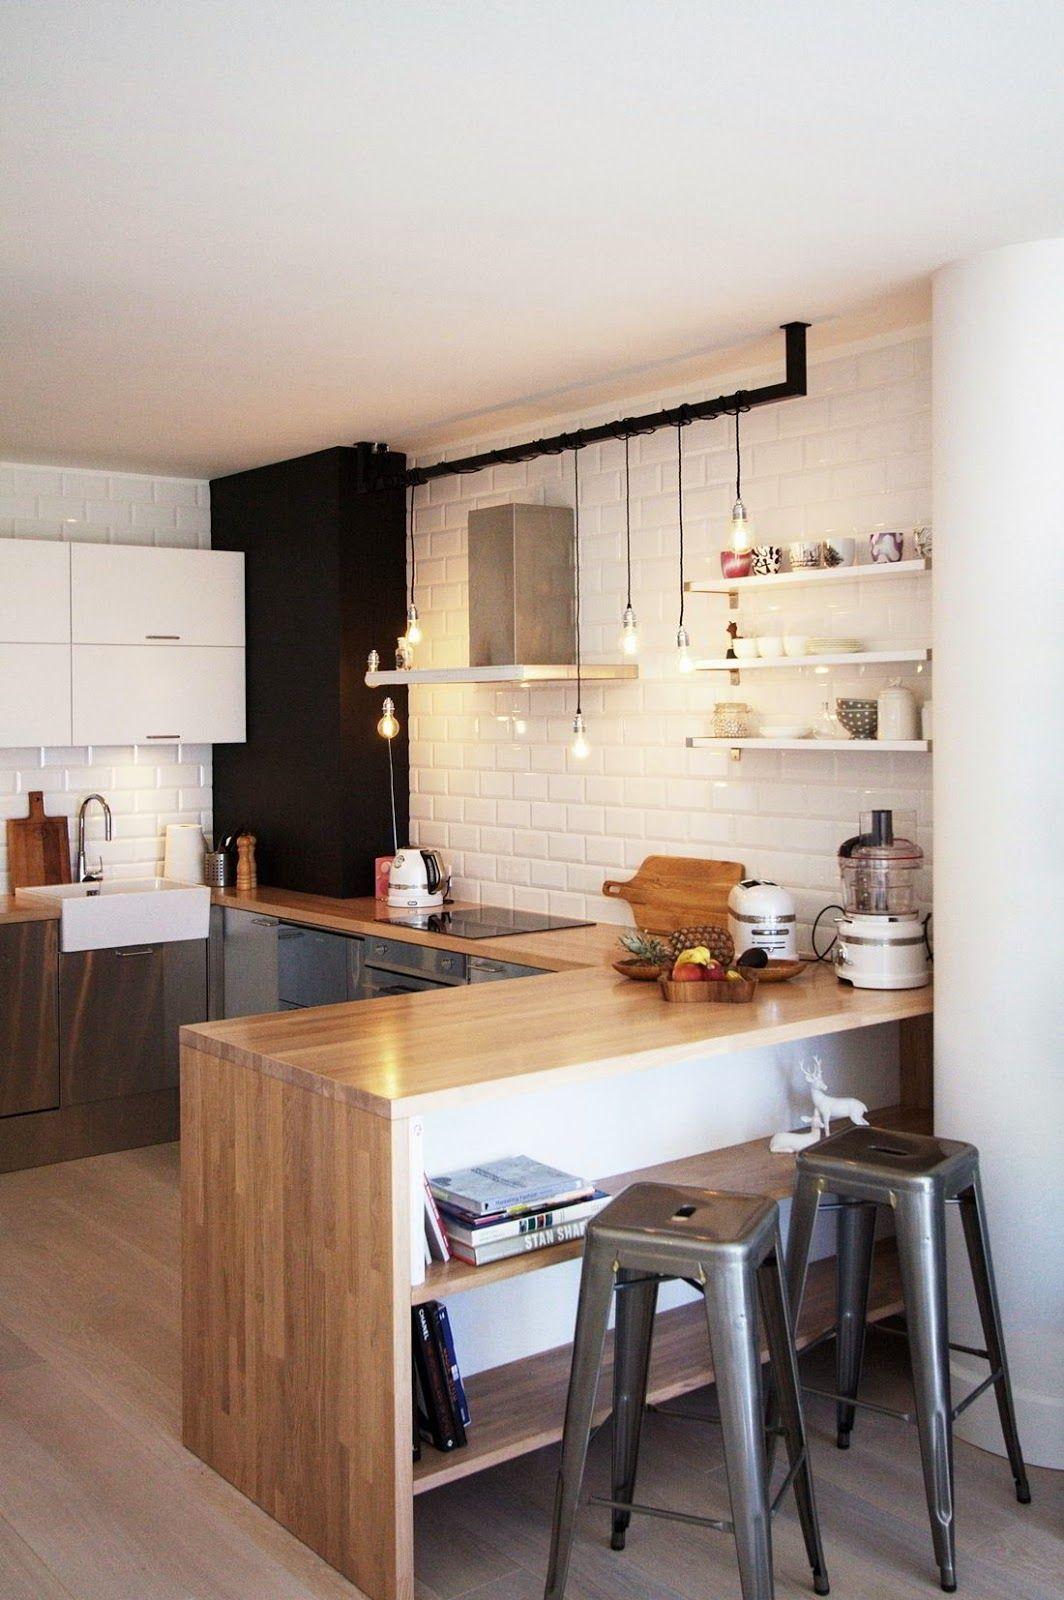 Pologne : Un joli petit appartement de style scandinave ...